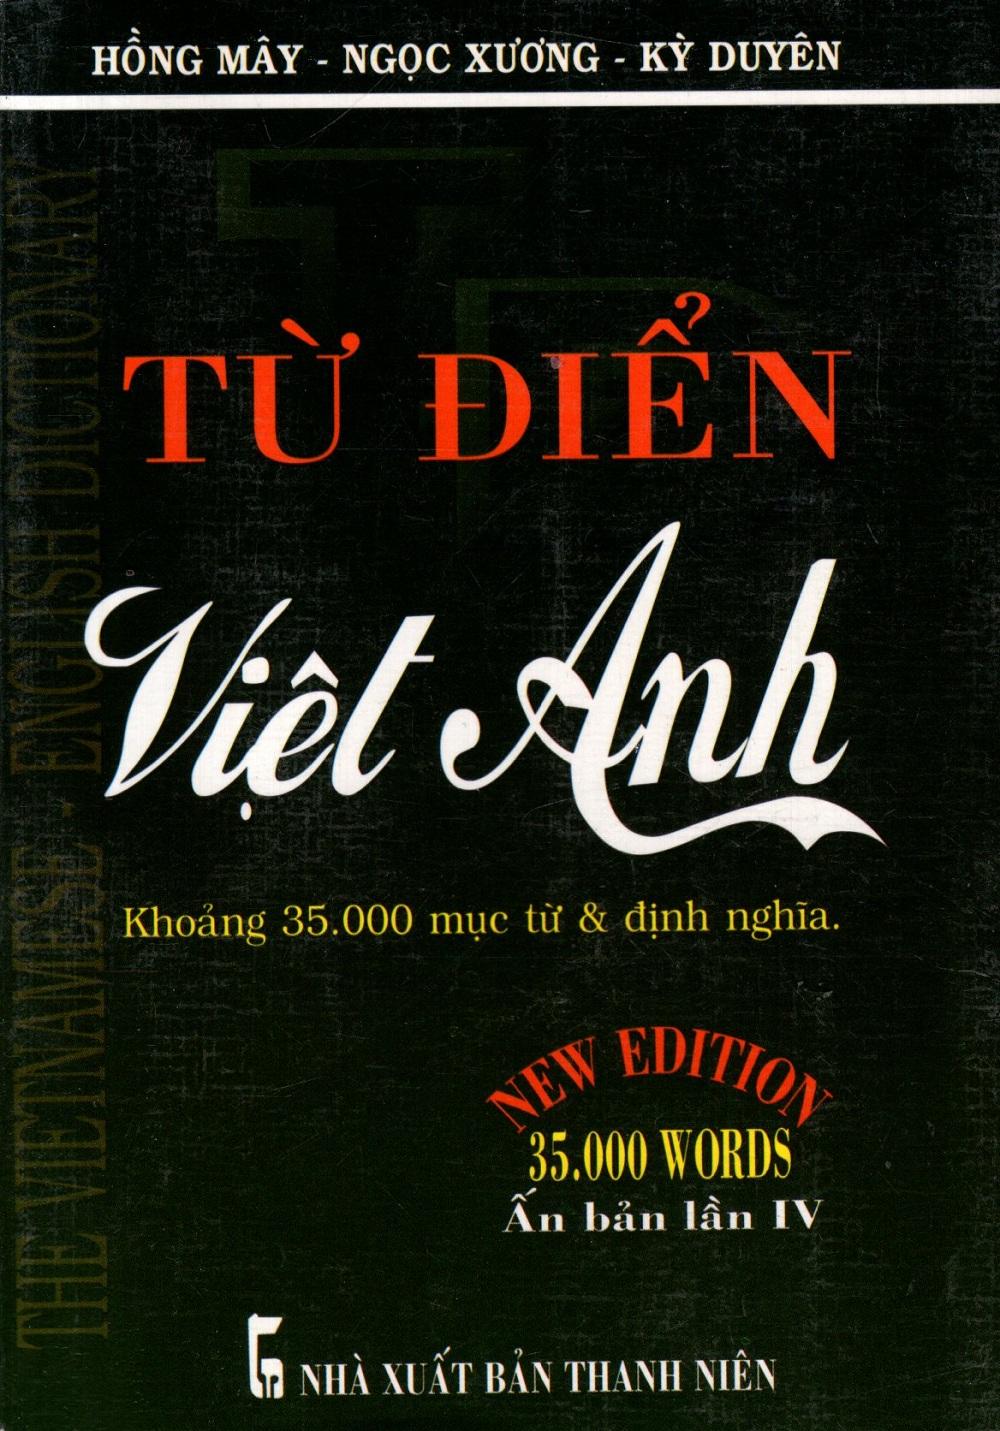 Bìa sách Từ Điển Việt - Anh (Khoảng 35.000 Từ) - Sách Bỏ Túi